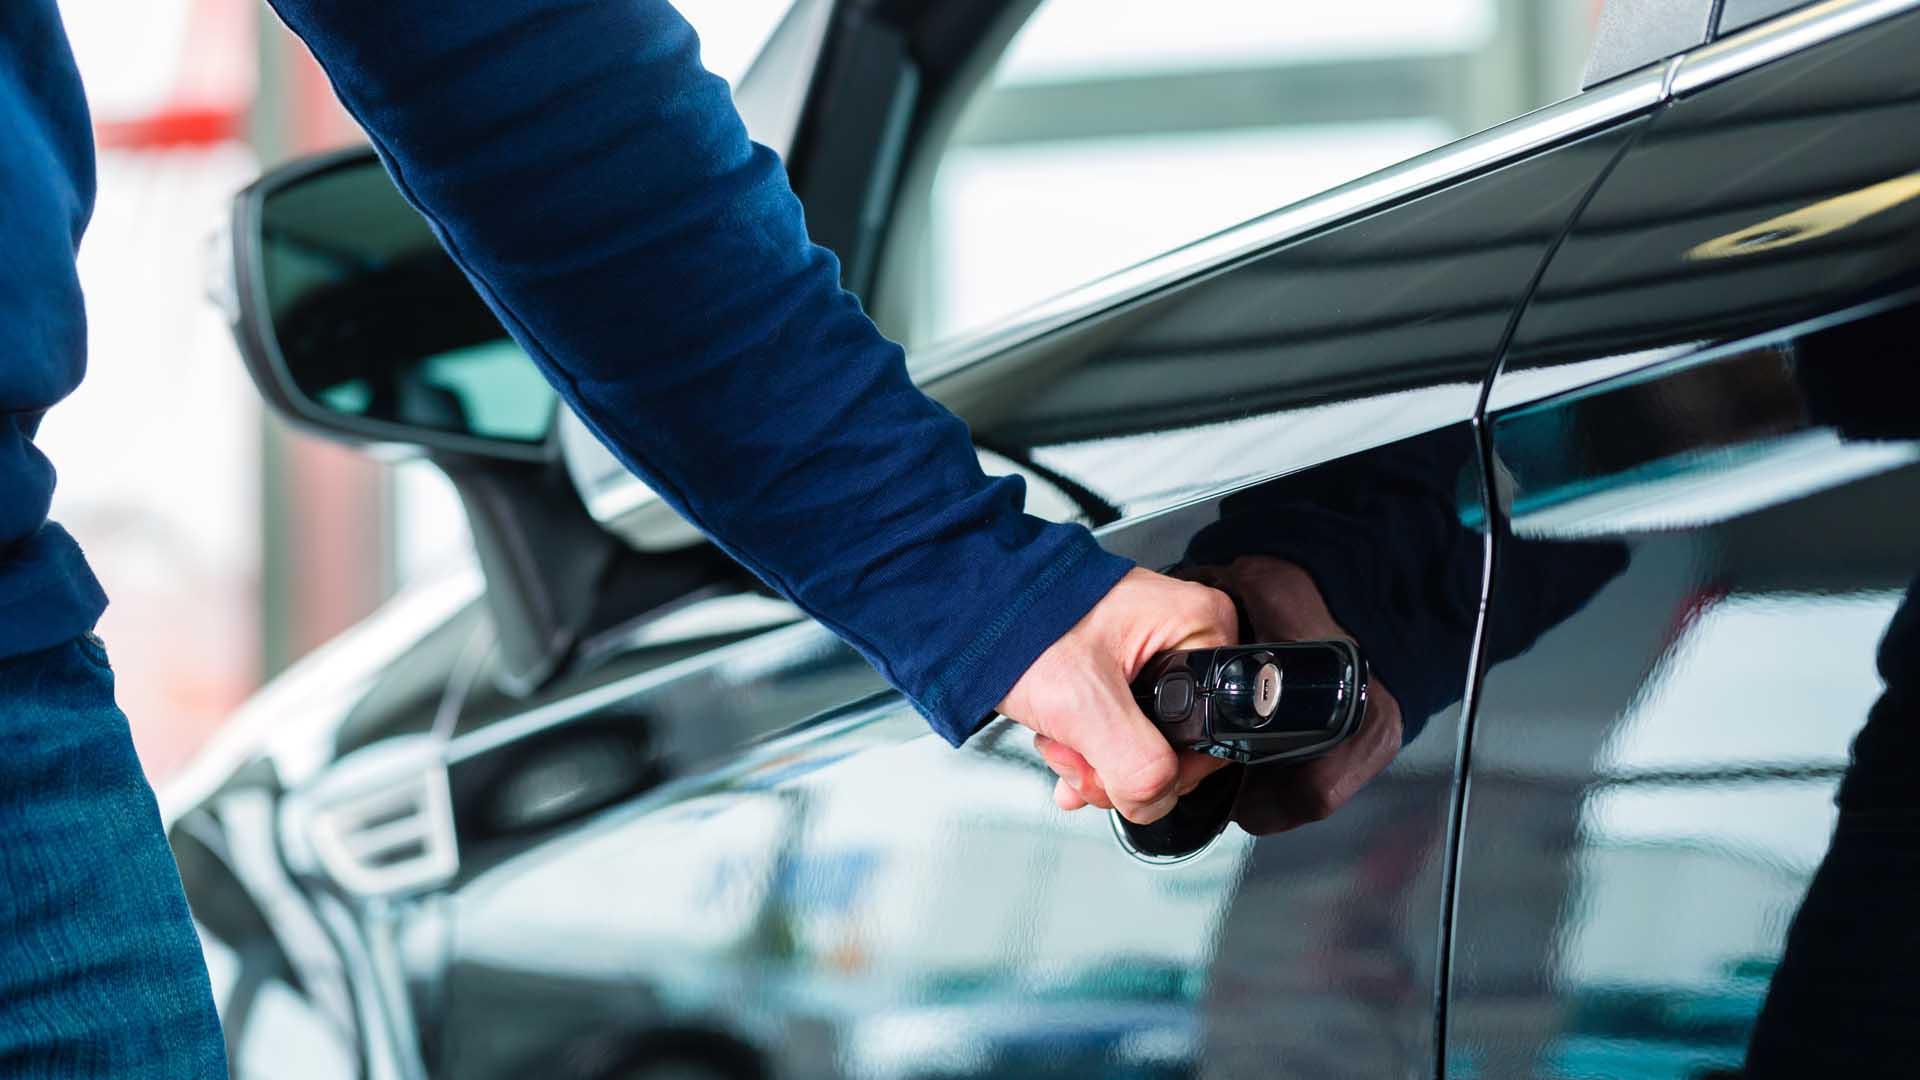 Cuida el motor de tu auto y alarga su vida útil